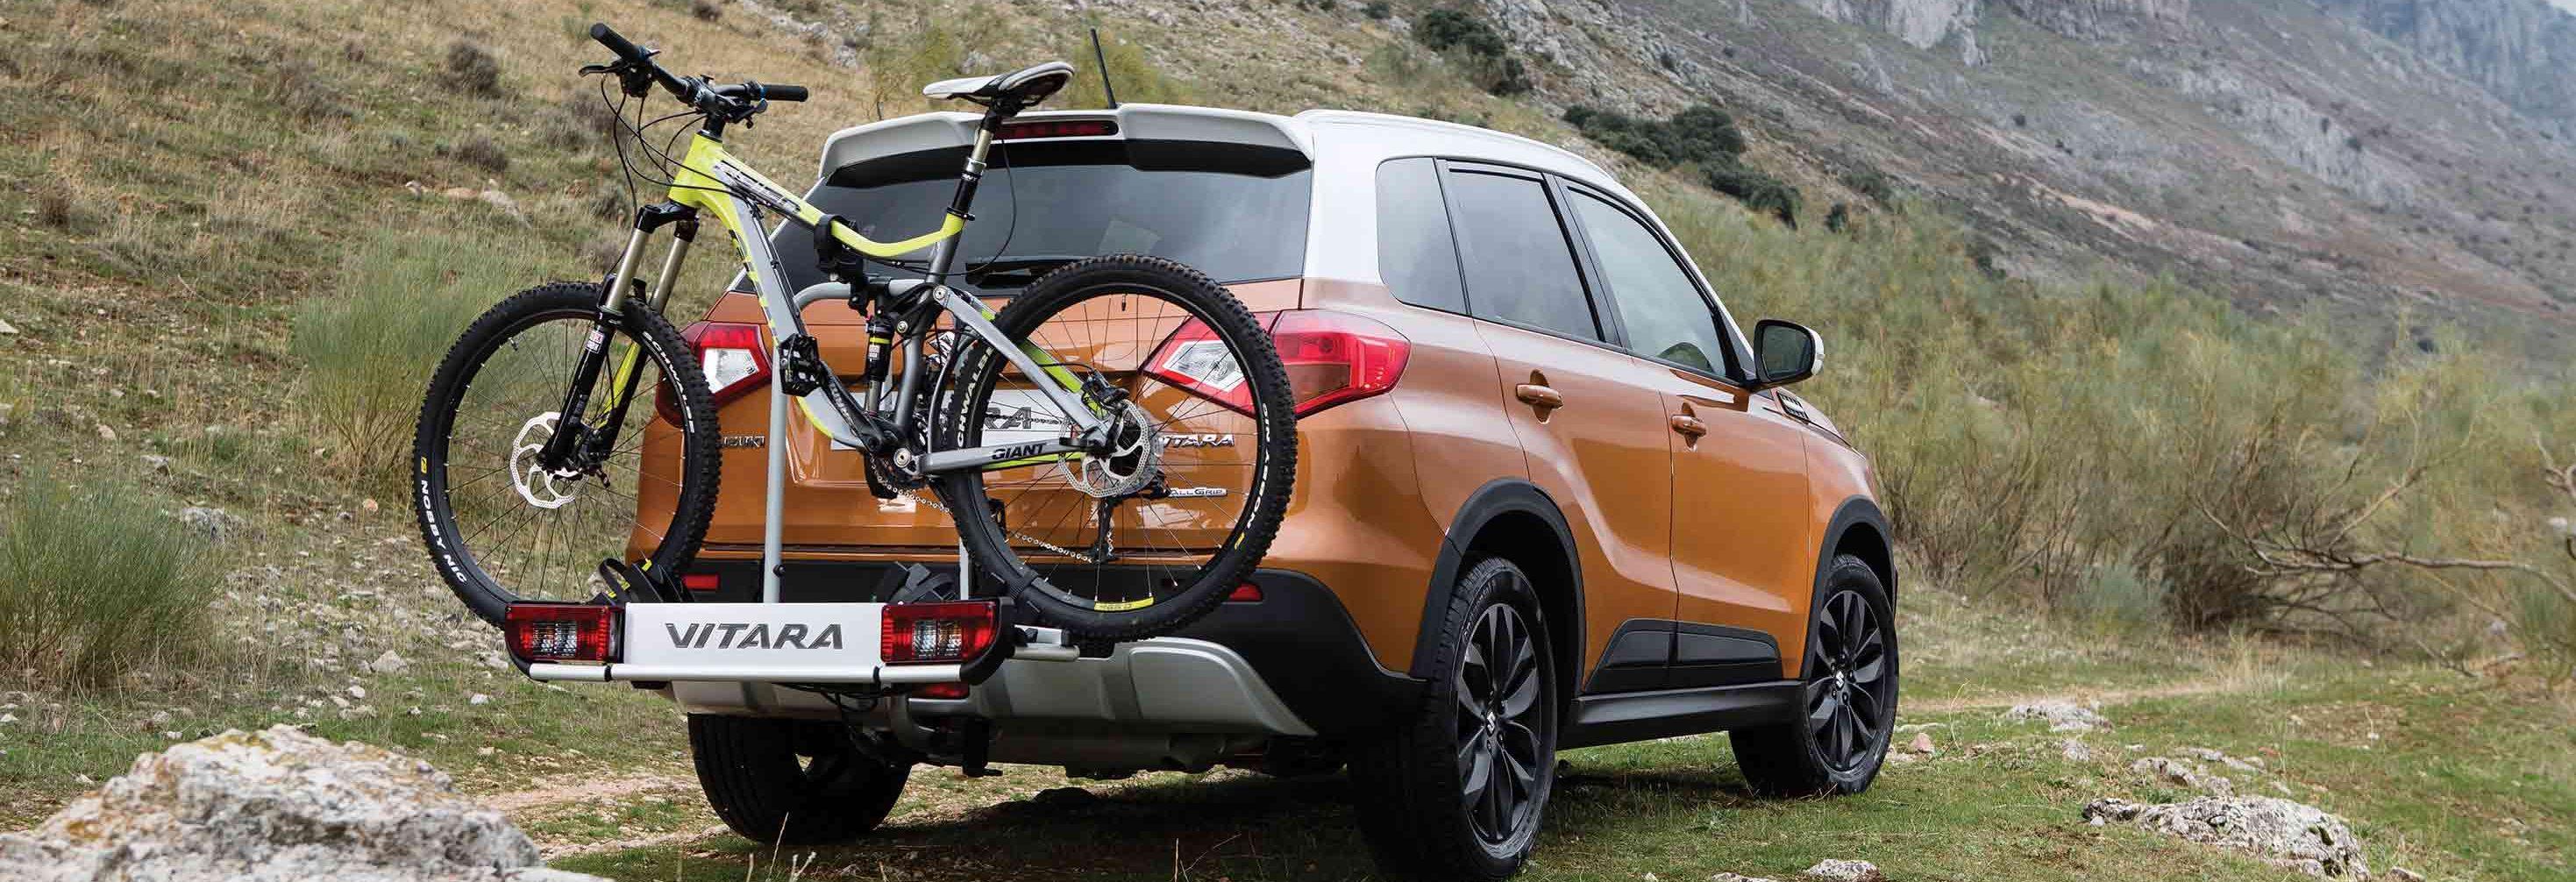 Installer un porte-vélo sur une voiture image